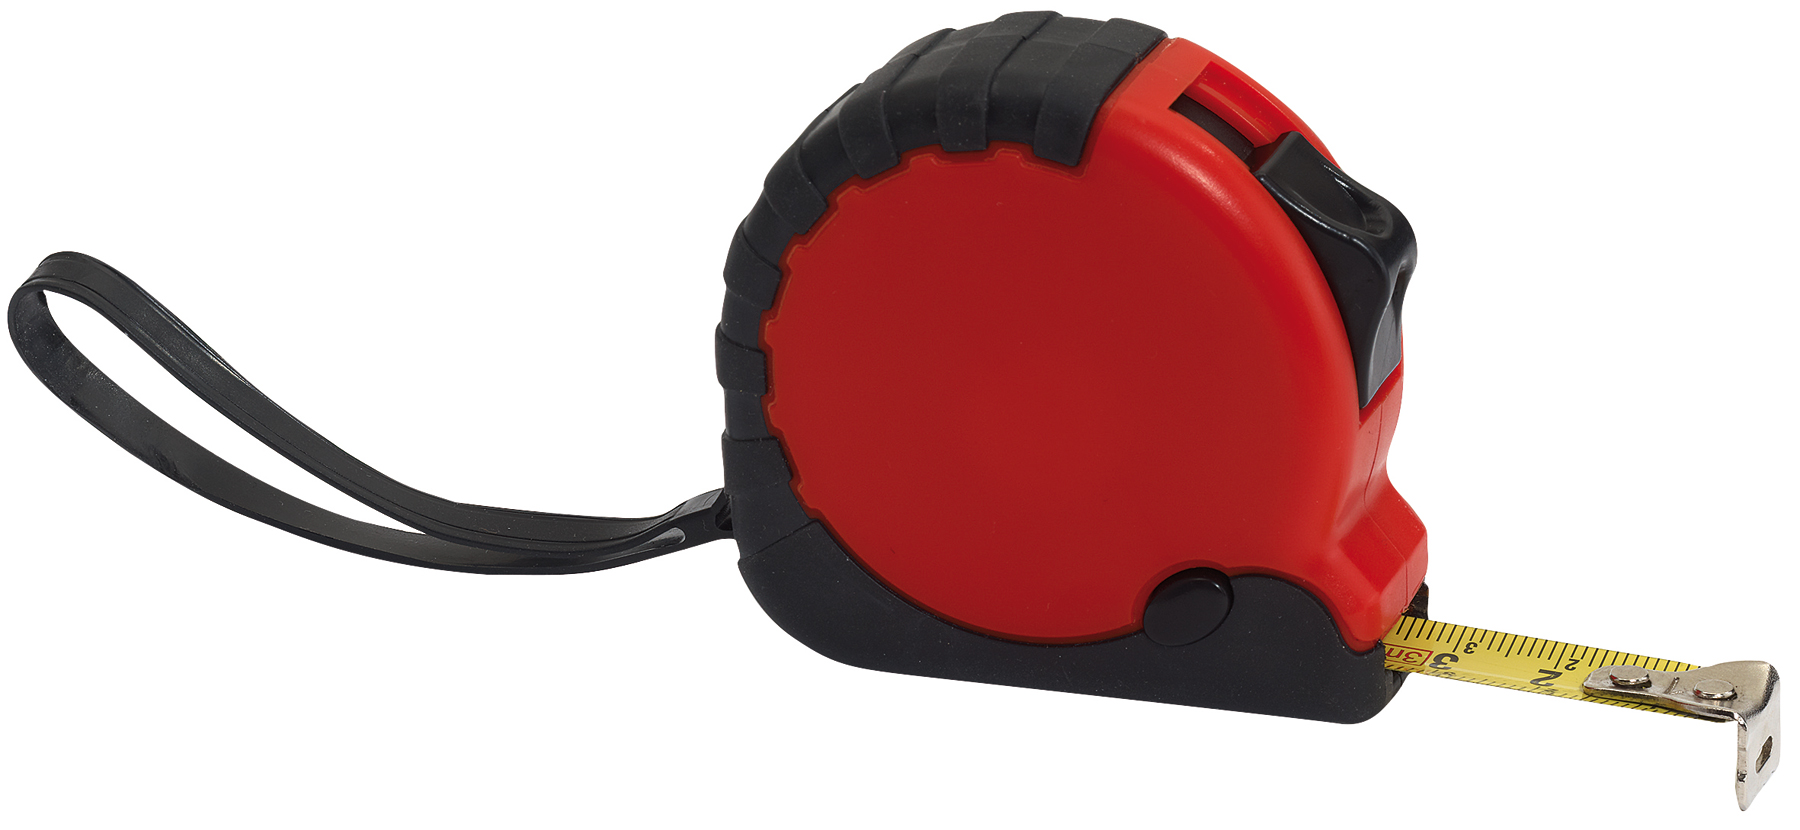 Tasma pomiarowa ELEMENTAL 3m, czarny, czerwony